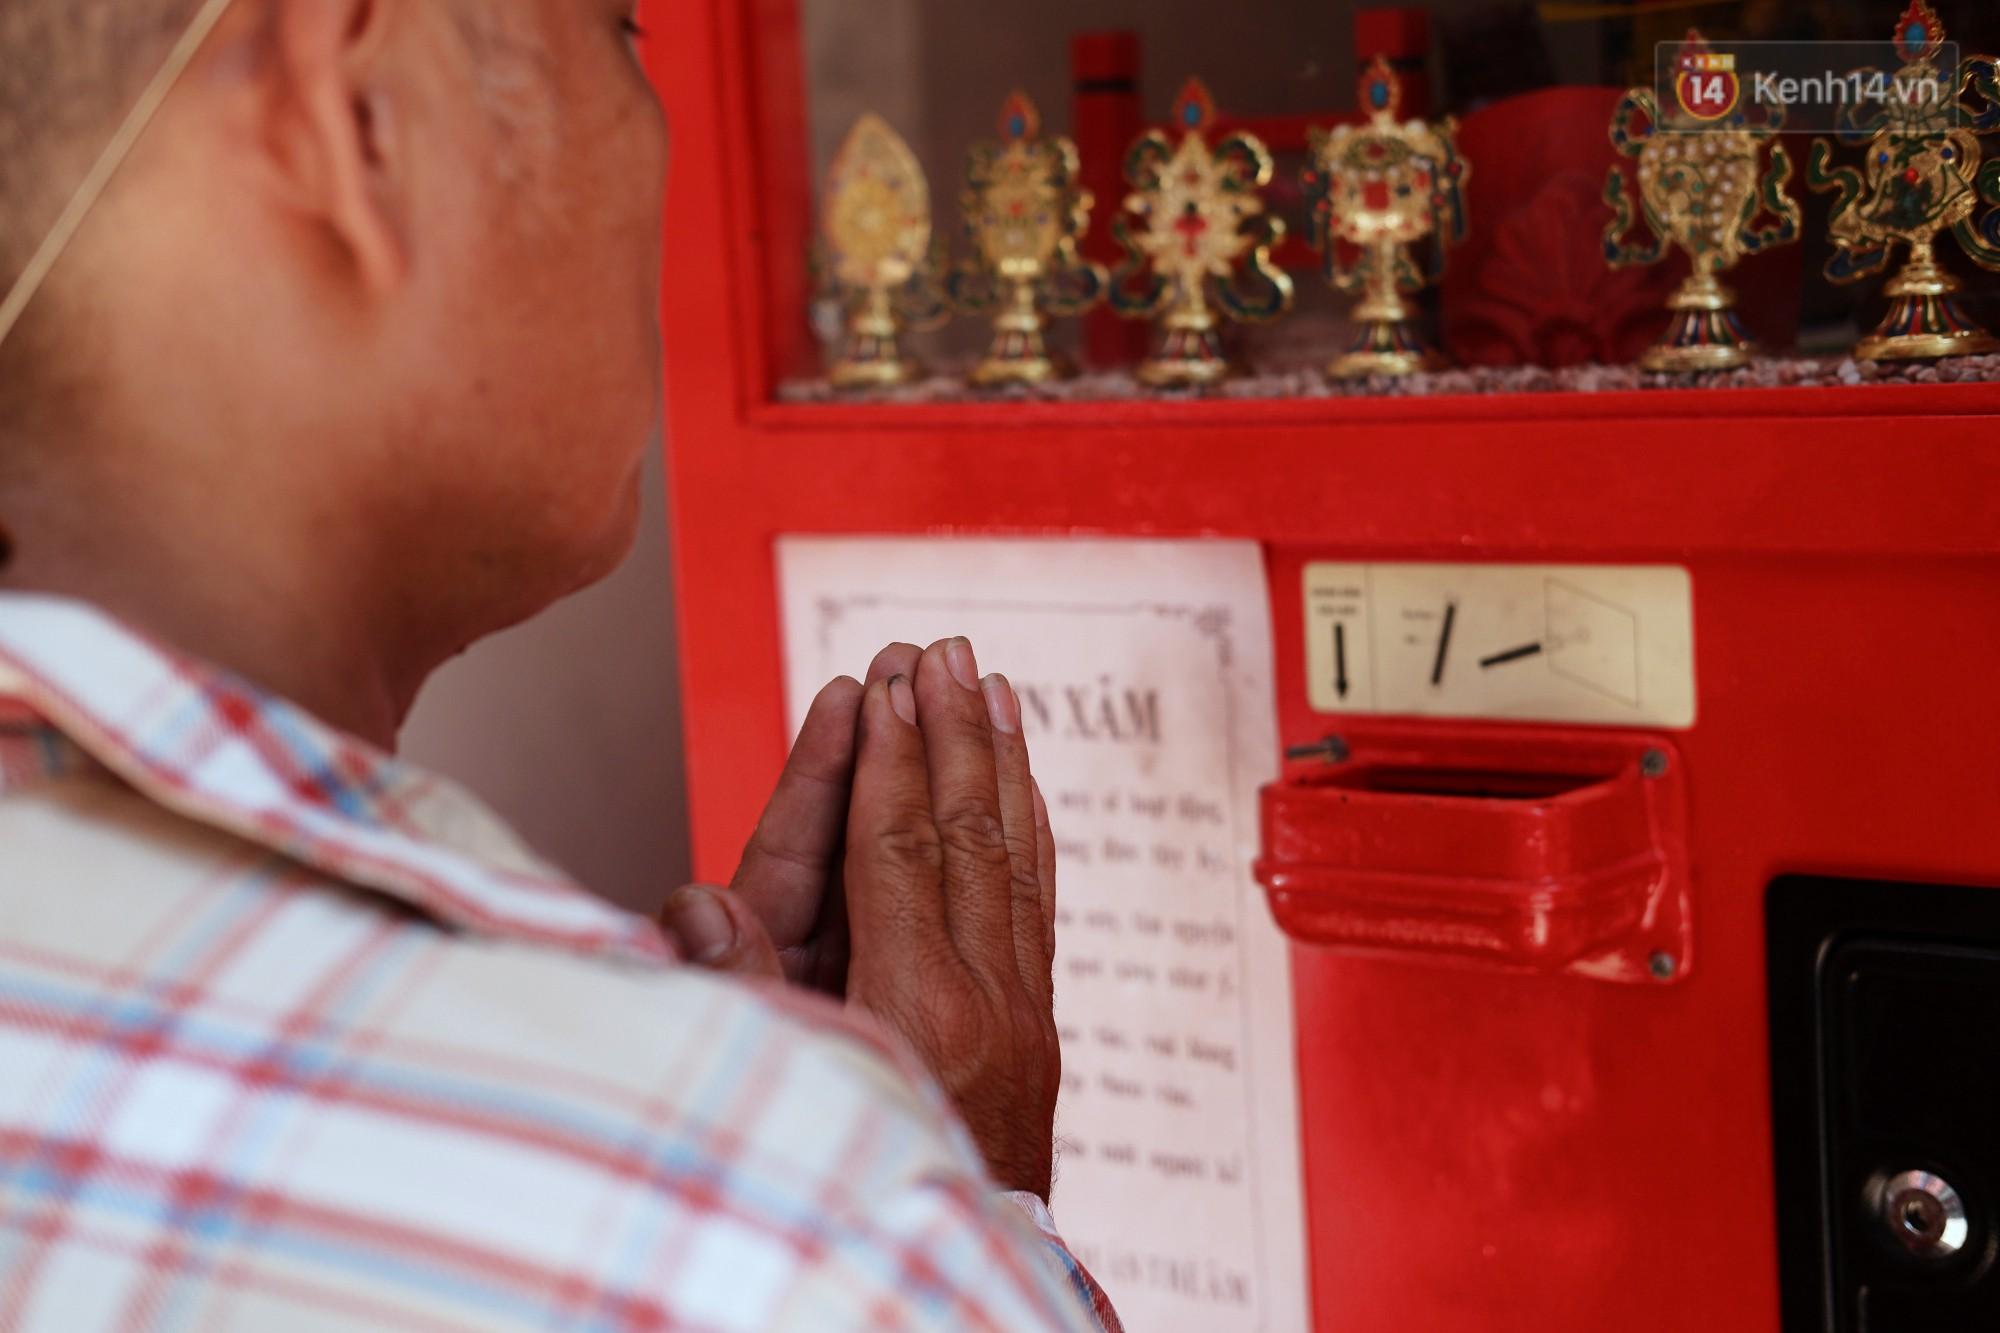 Bỏ tiền xu lấy thẻ xăm bằng máy tự động: Người Sài Gòn nườm nượp xem quẻ đầu năm thời công nghệ 4.0 - Ảnh 5.